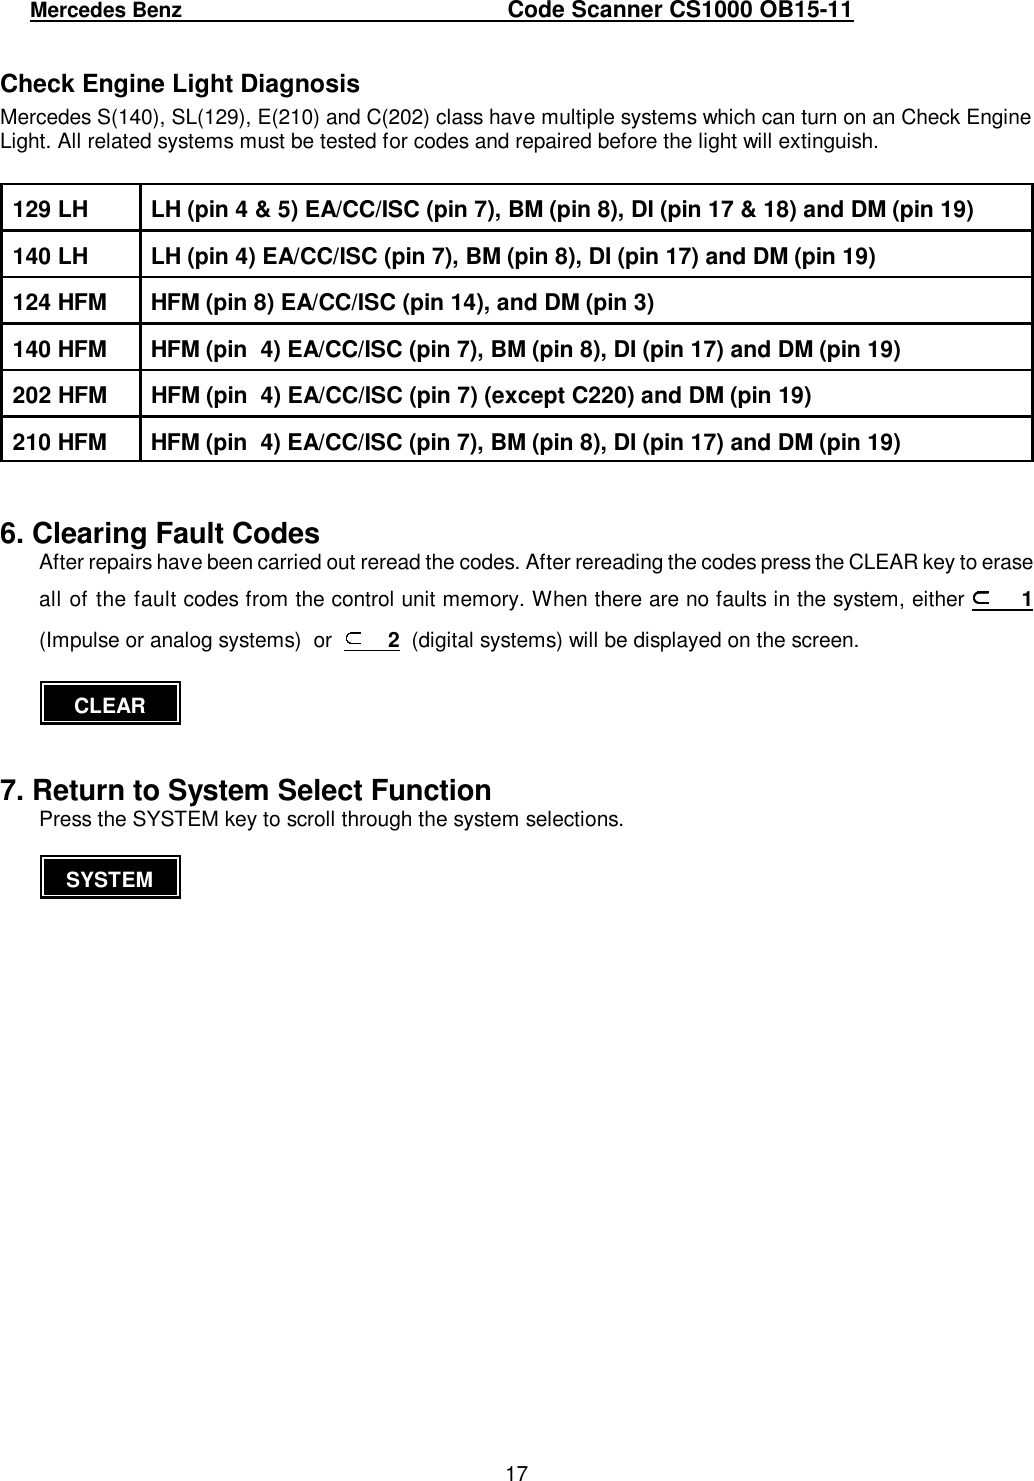 Mercedes Benz Cs1000 Users Manual